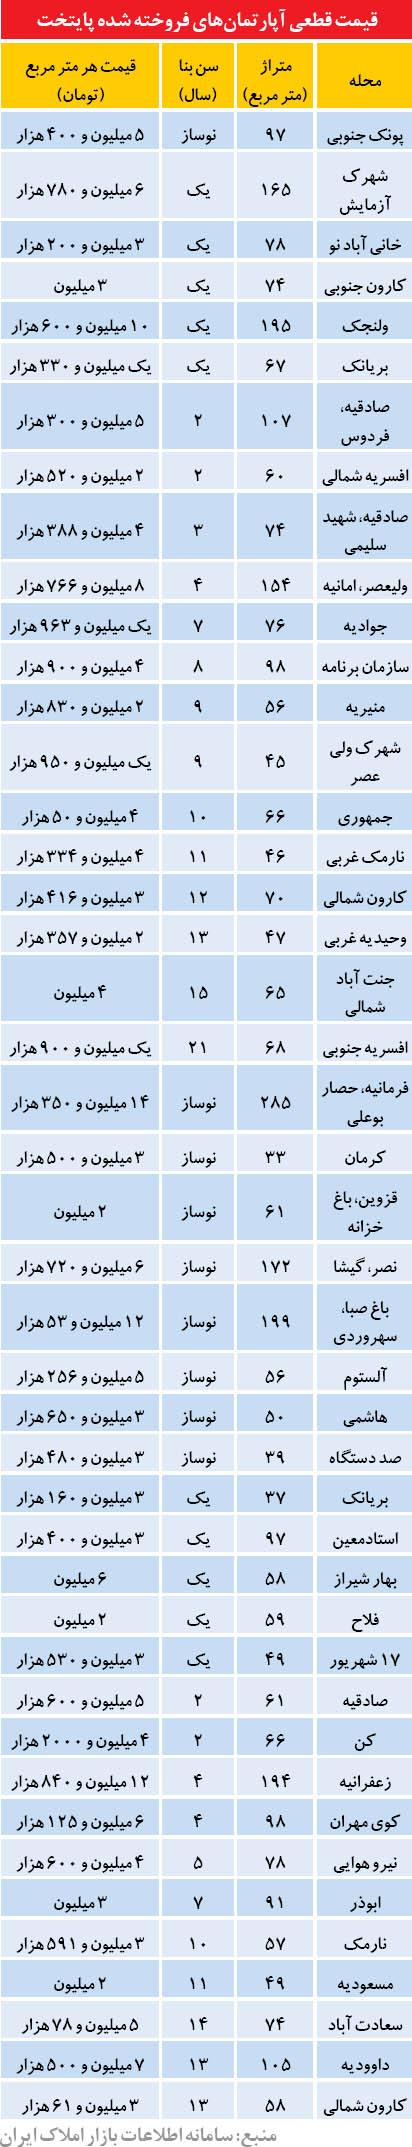 قیمت آپارتمان در برخی نقاط تهران (جدول)